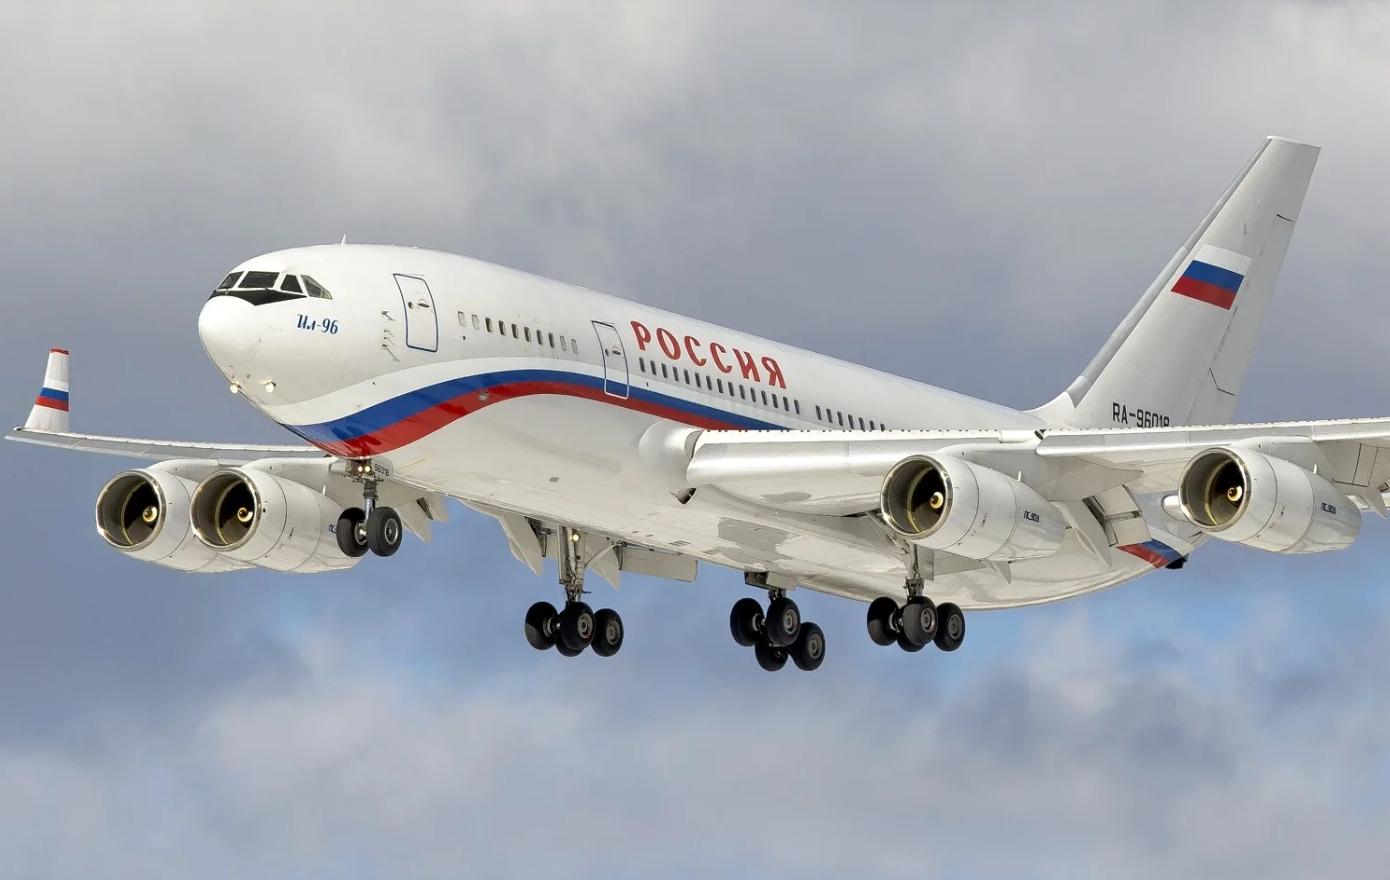 Картинки по запросу картинки   Ил-96-300 российского производства